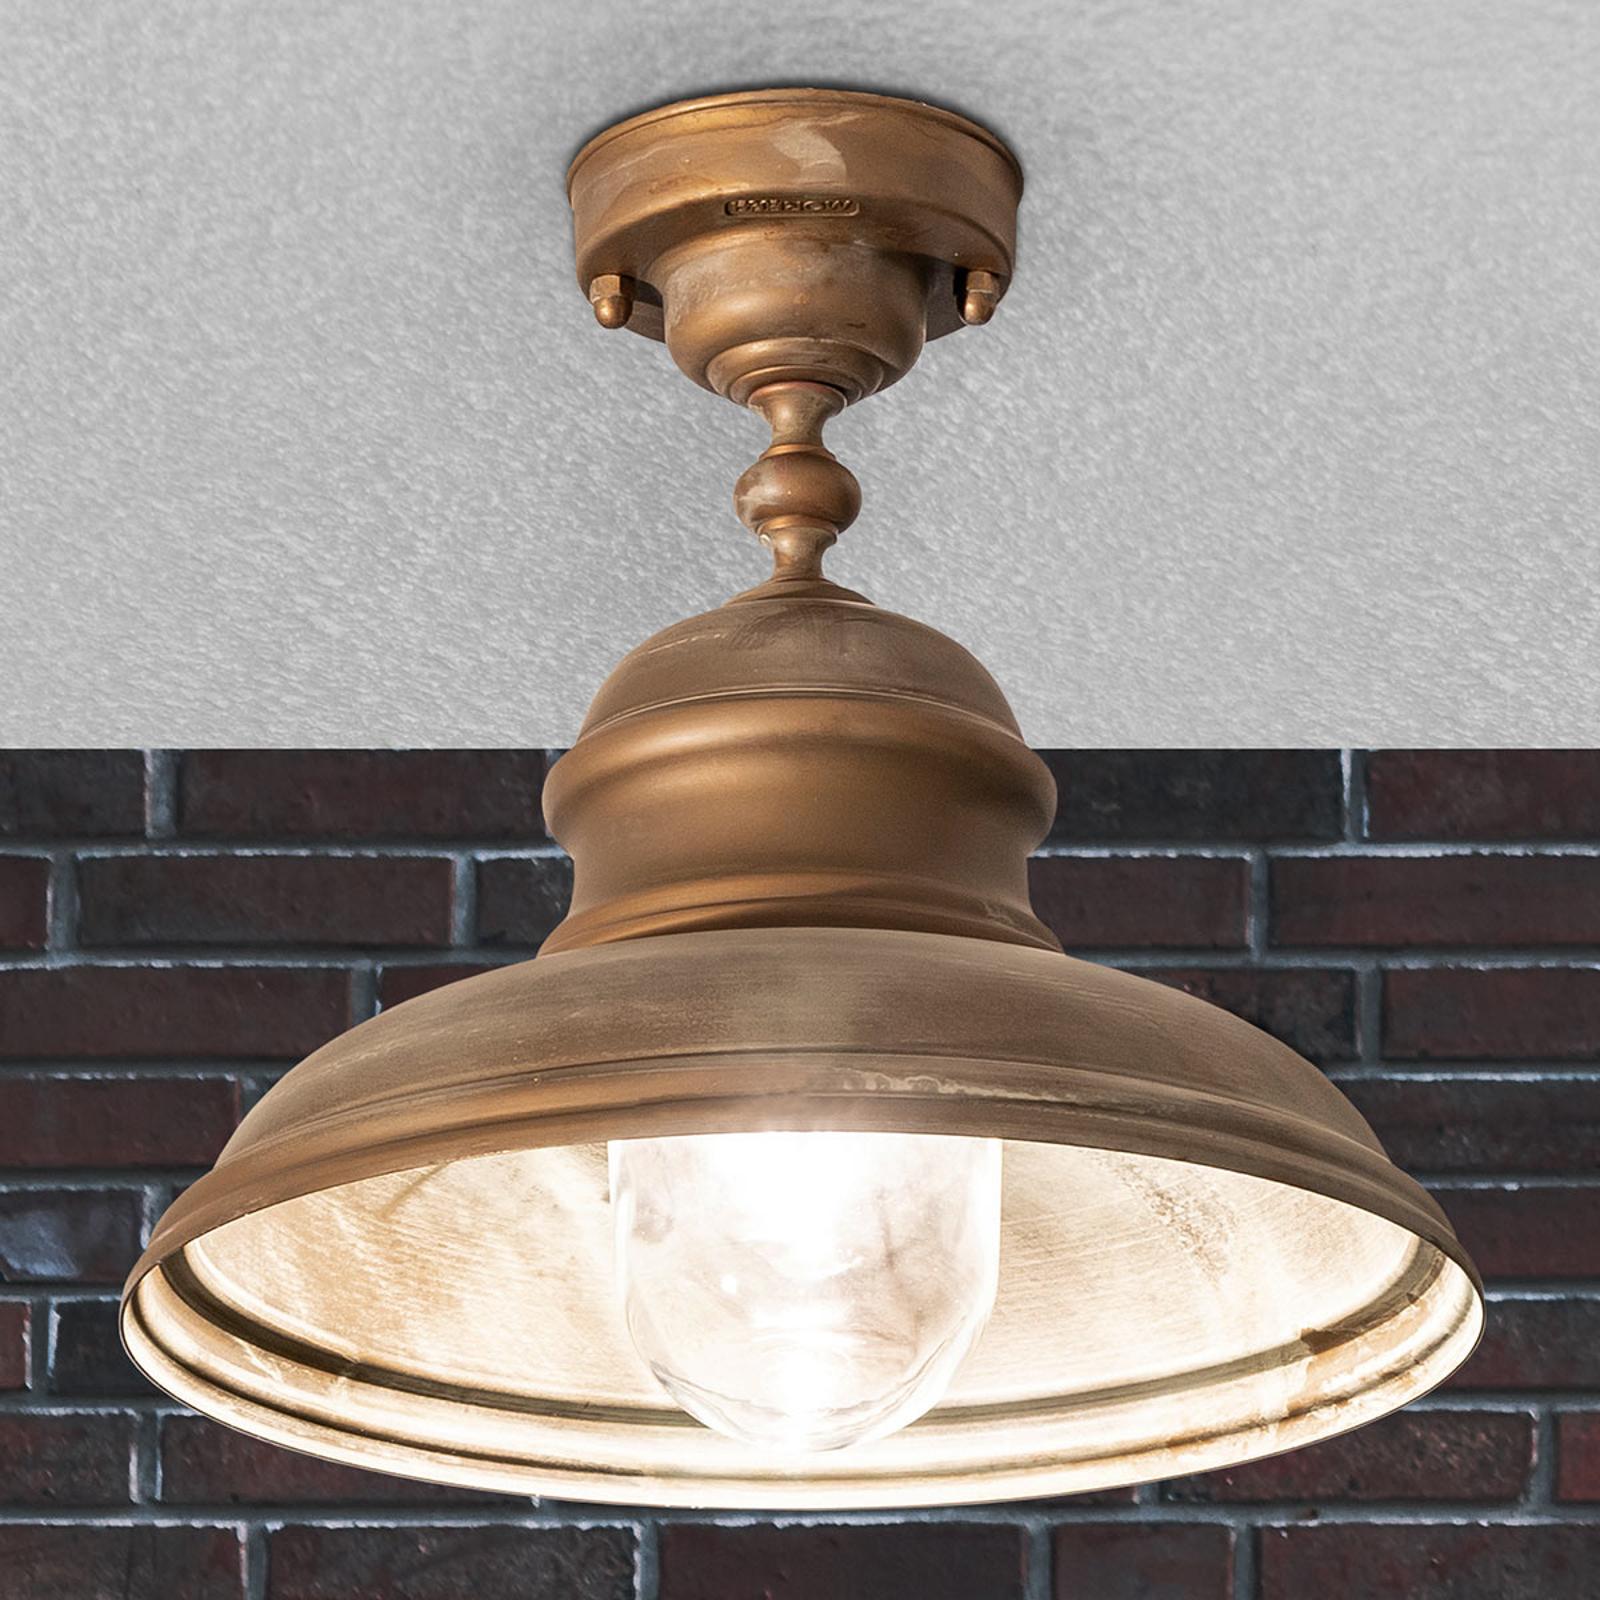 Lampa sufitowa Riccardo do użytku na zewnątrz